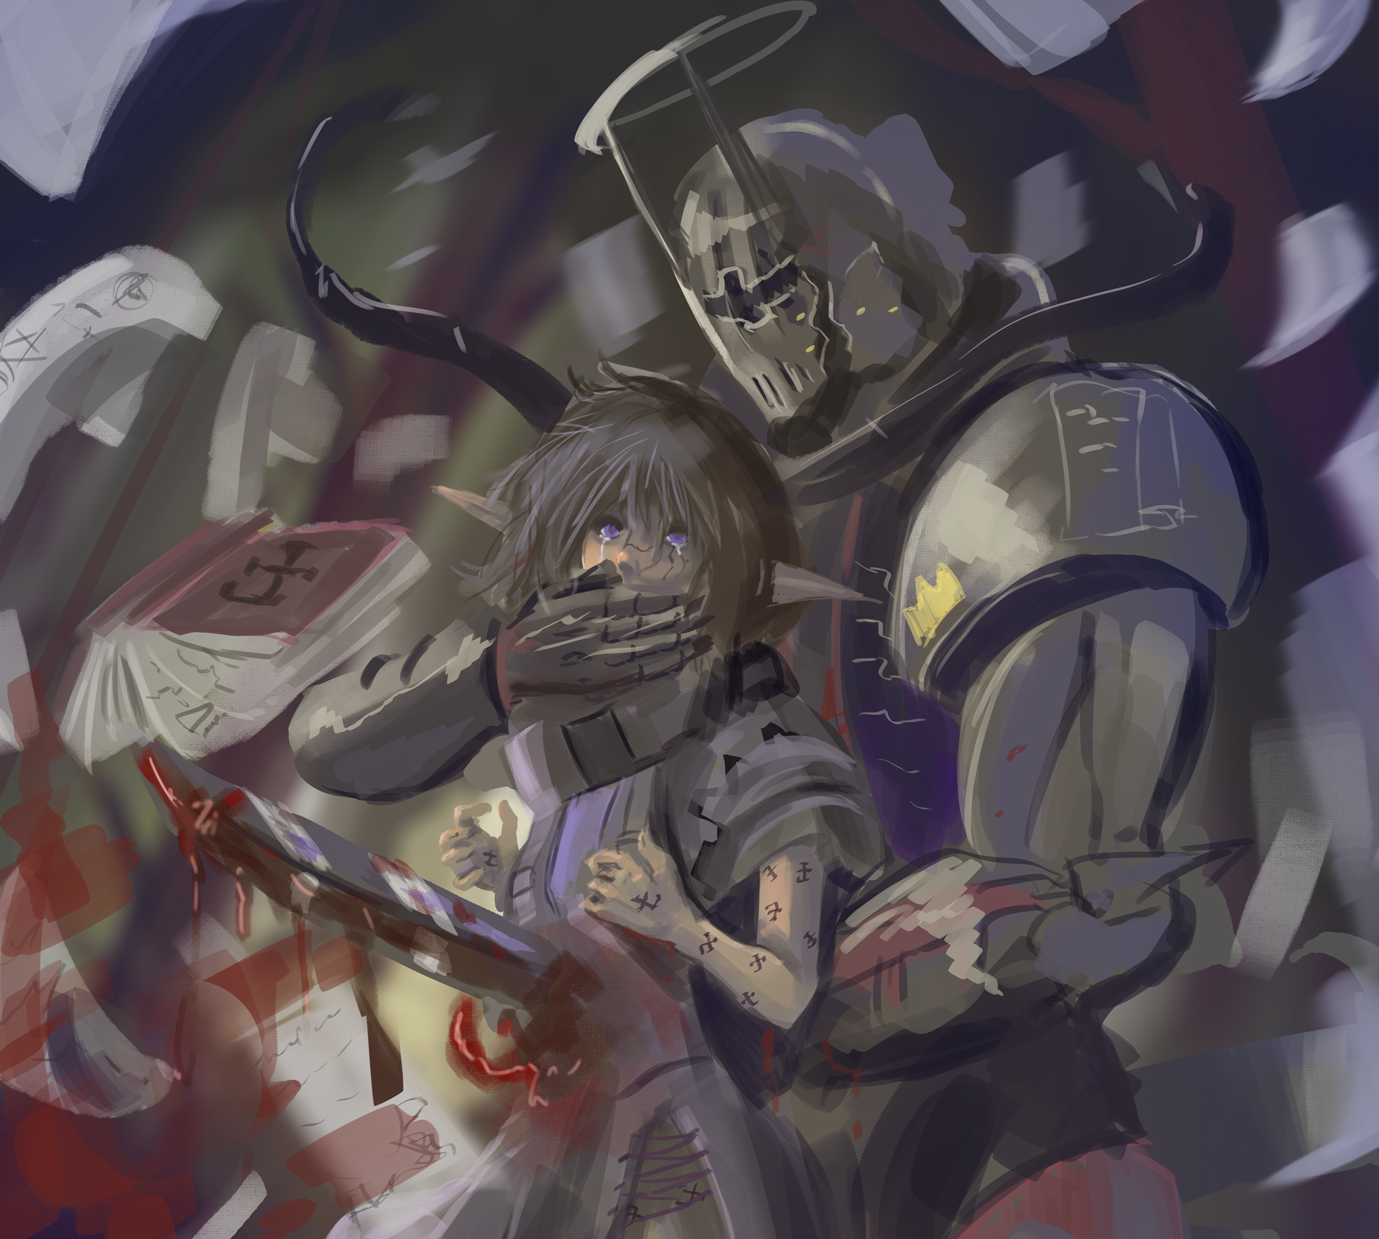 The-'Death'-of-azazel